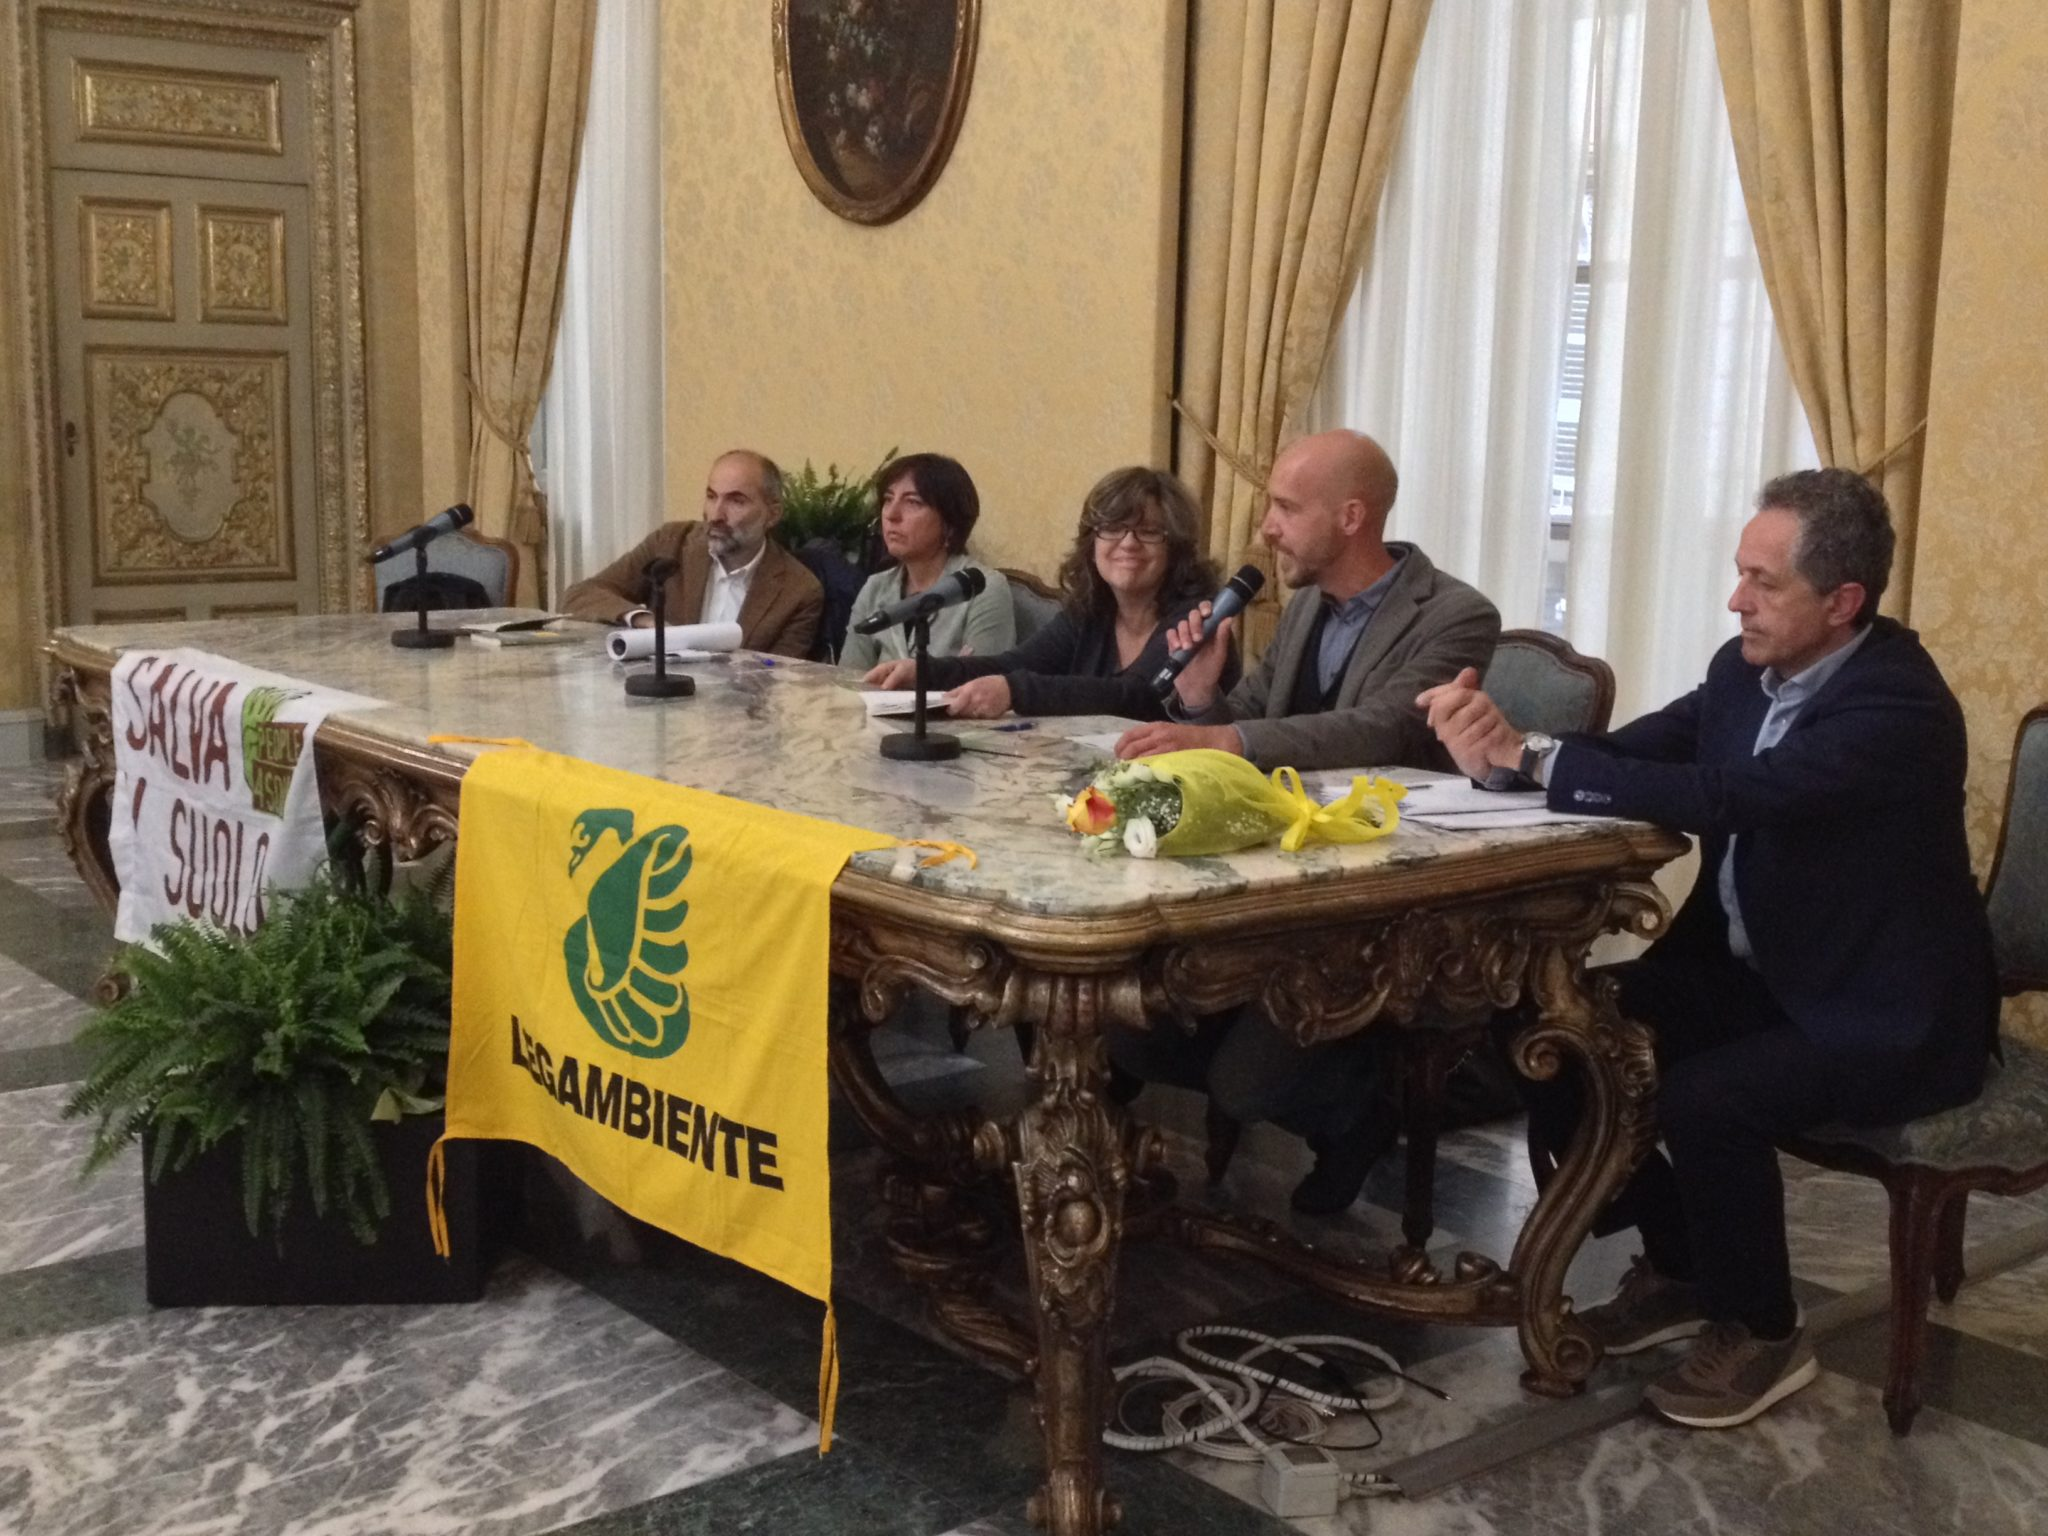 Piemonte, la campagna #salvailsuolo fa tappa in Consiglio Regionale